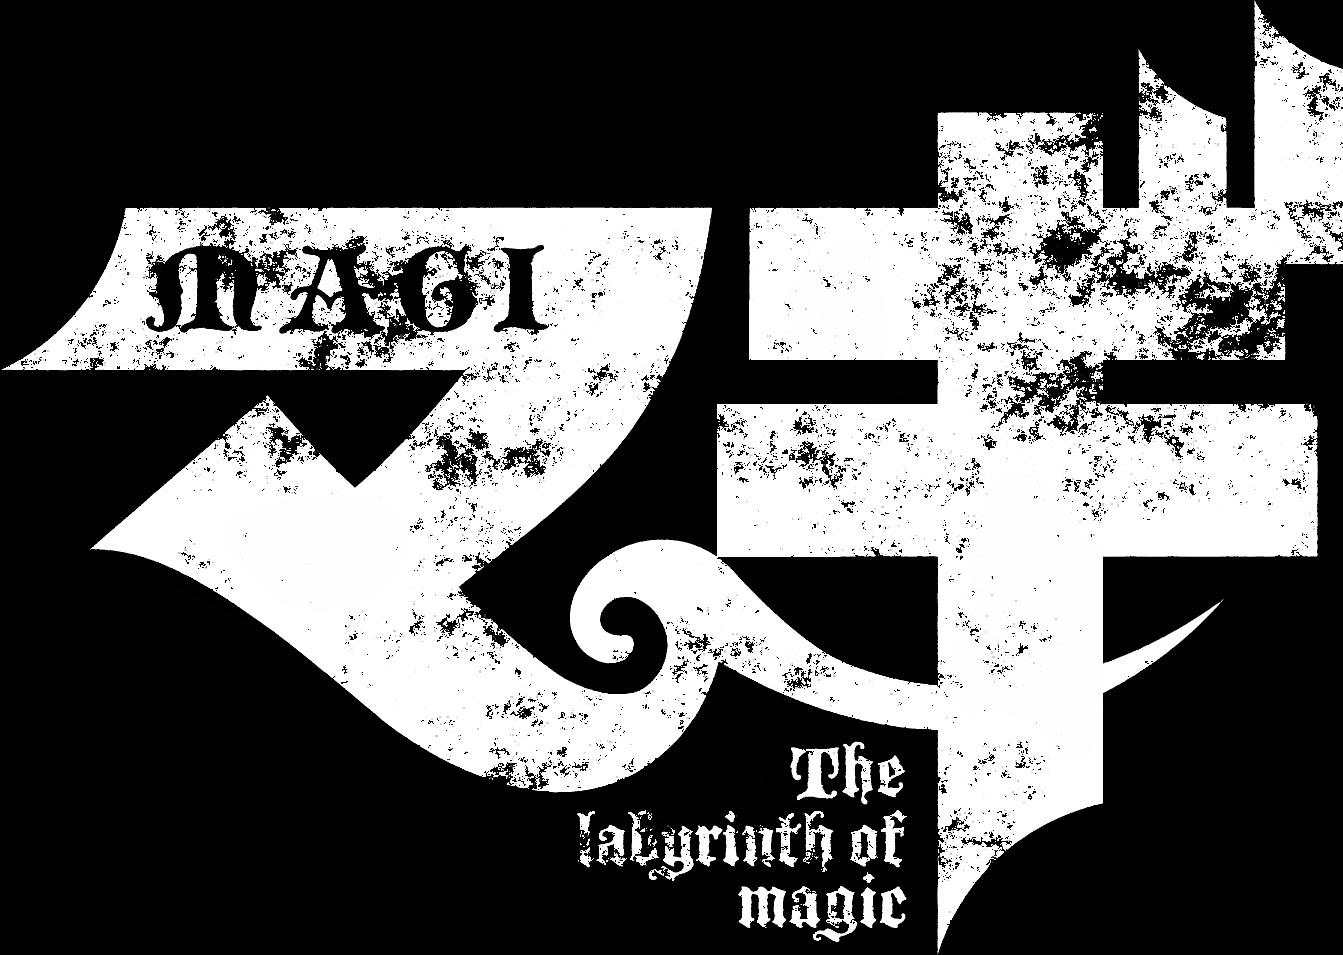 マギ-The kingdom og magic- のアニメグッズ